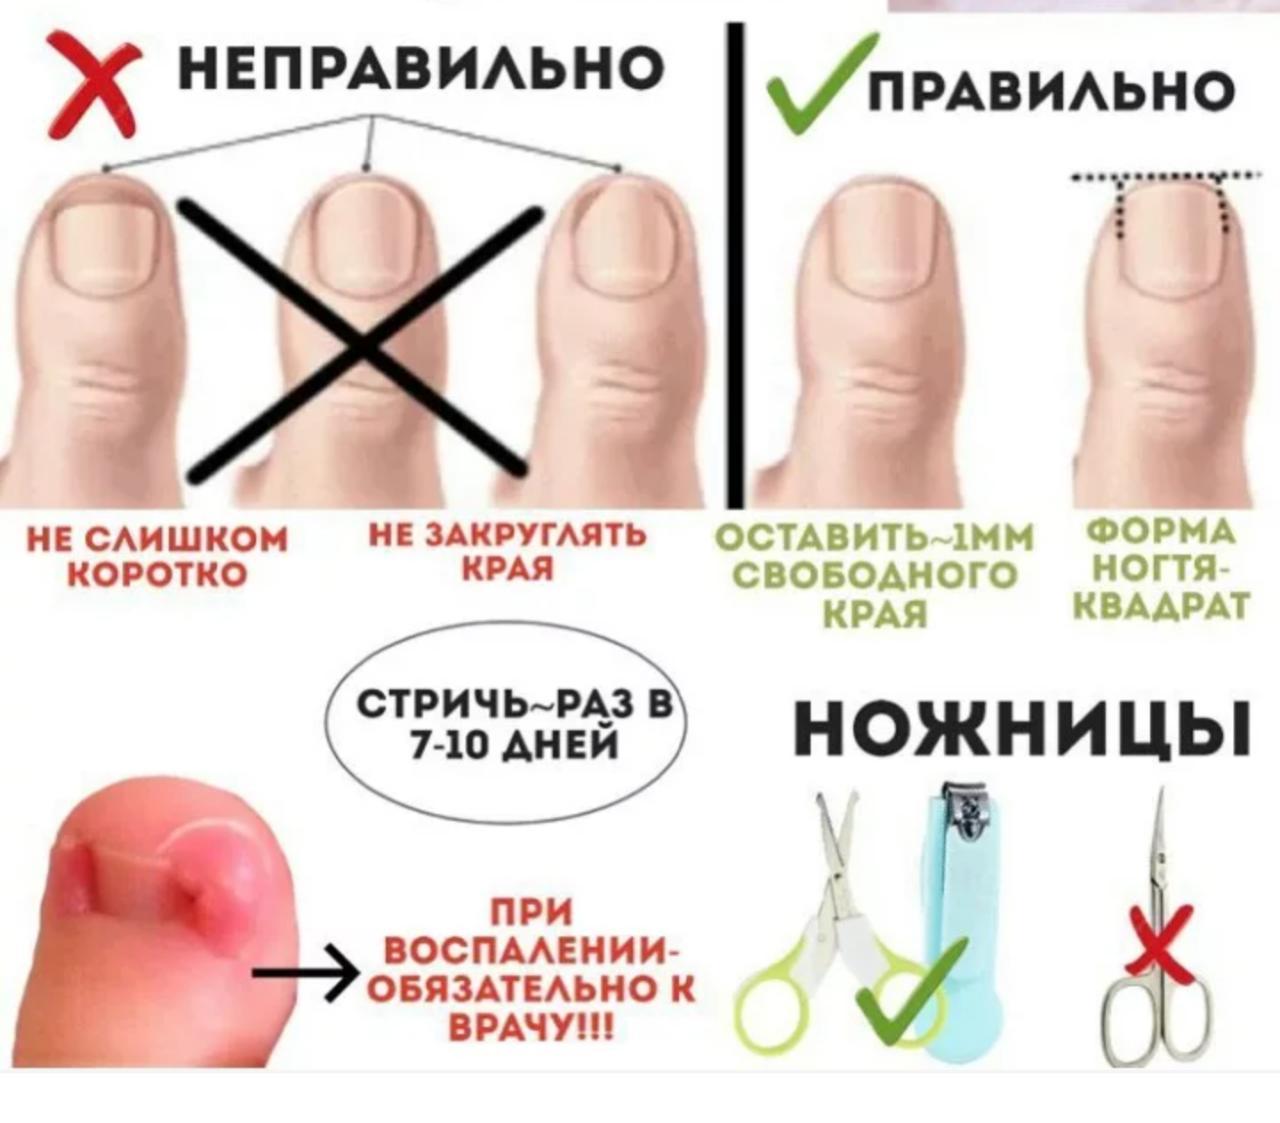 Правила, как стричь ногти